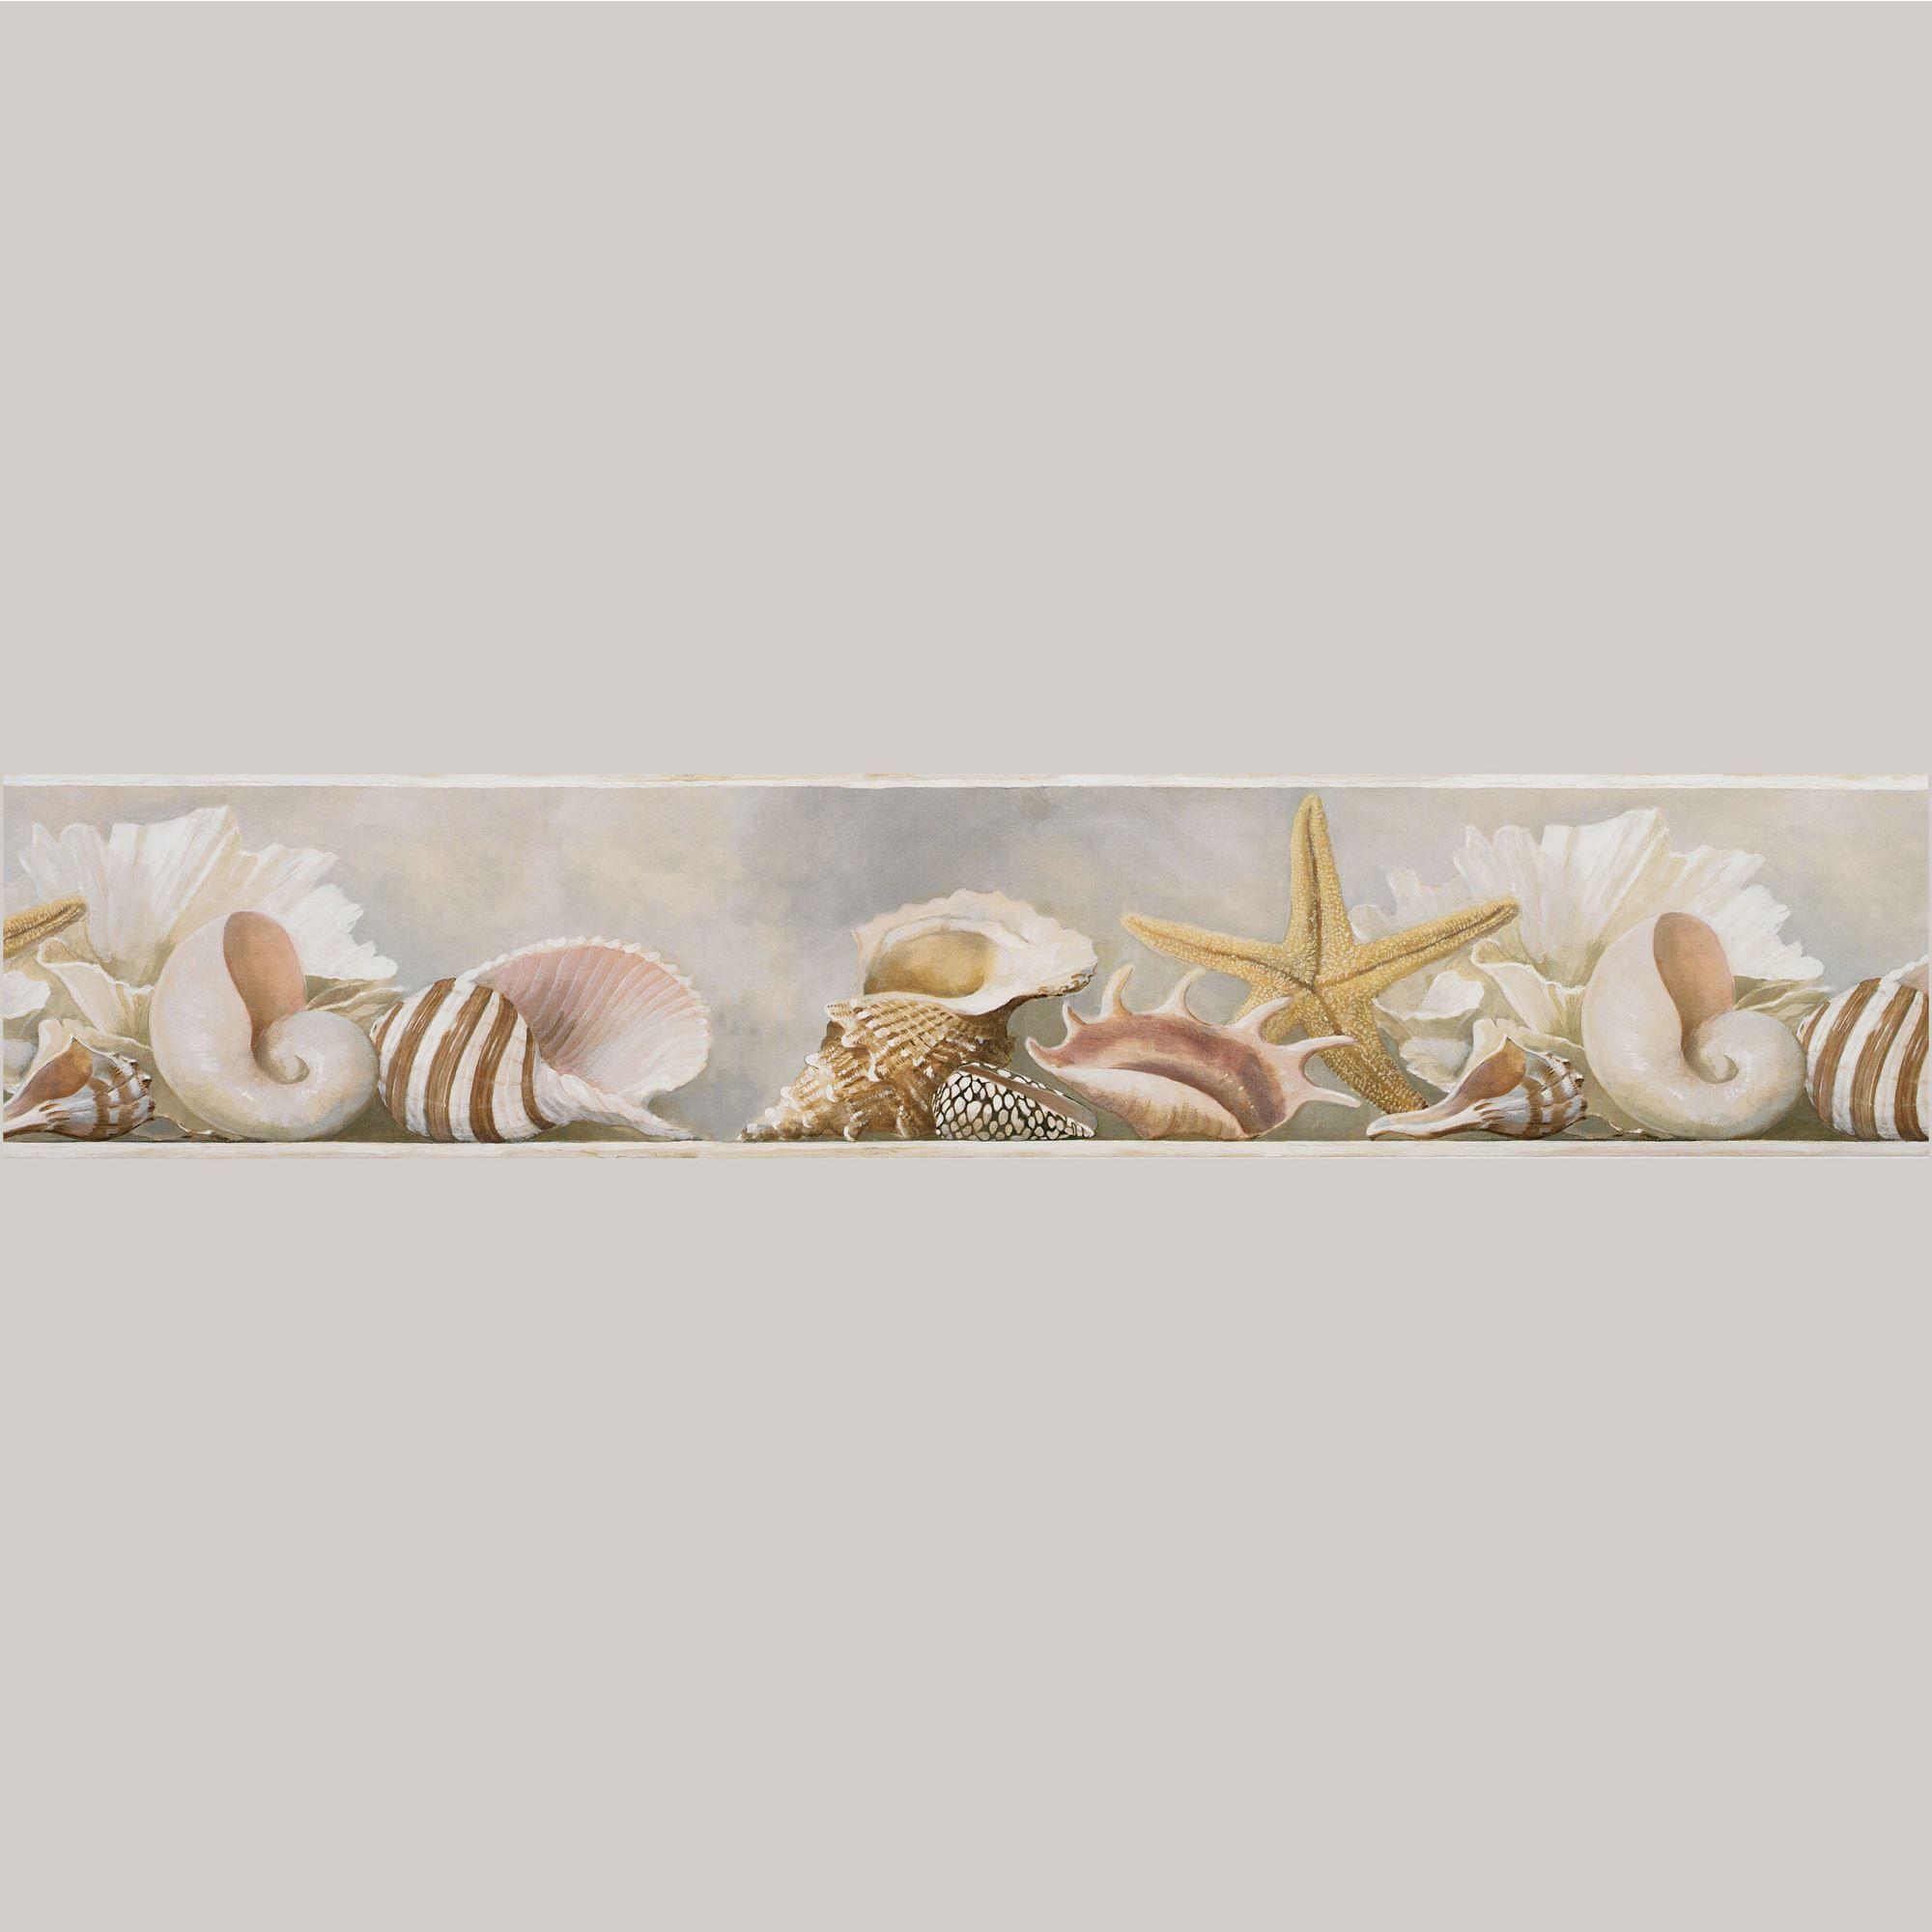 Coastal Shells Wallpaper Border